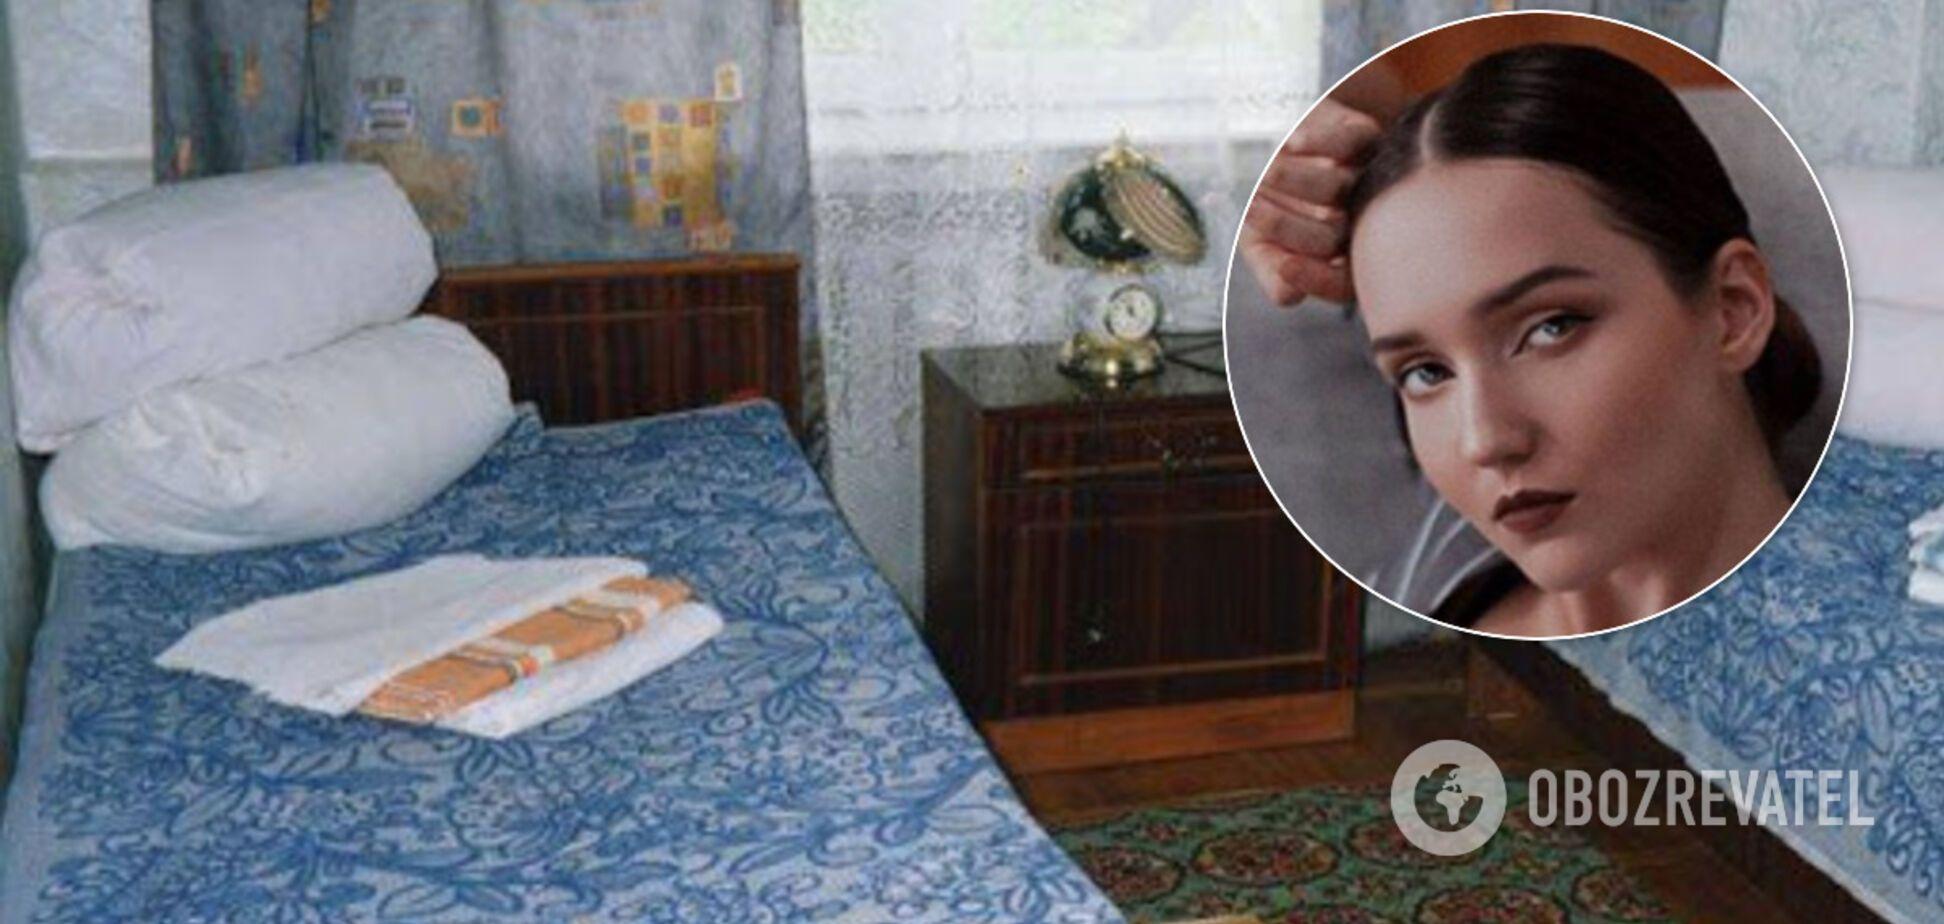 'Скаржитися немає на що': українка розповіла про умови карантину в Нових Санжарах